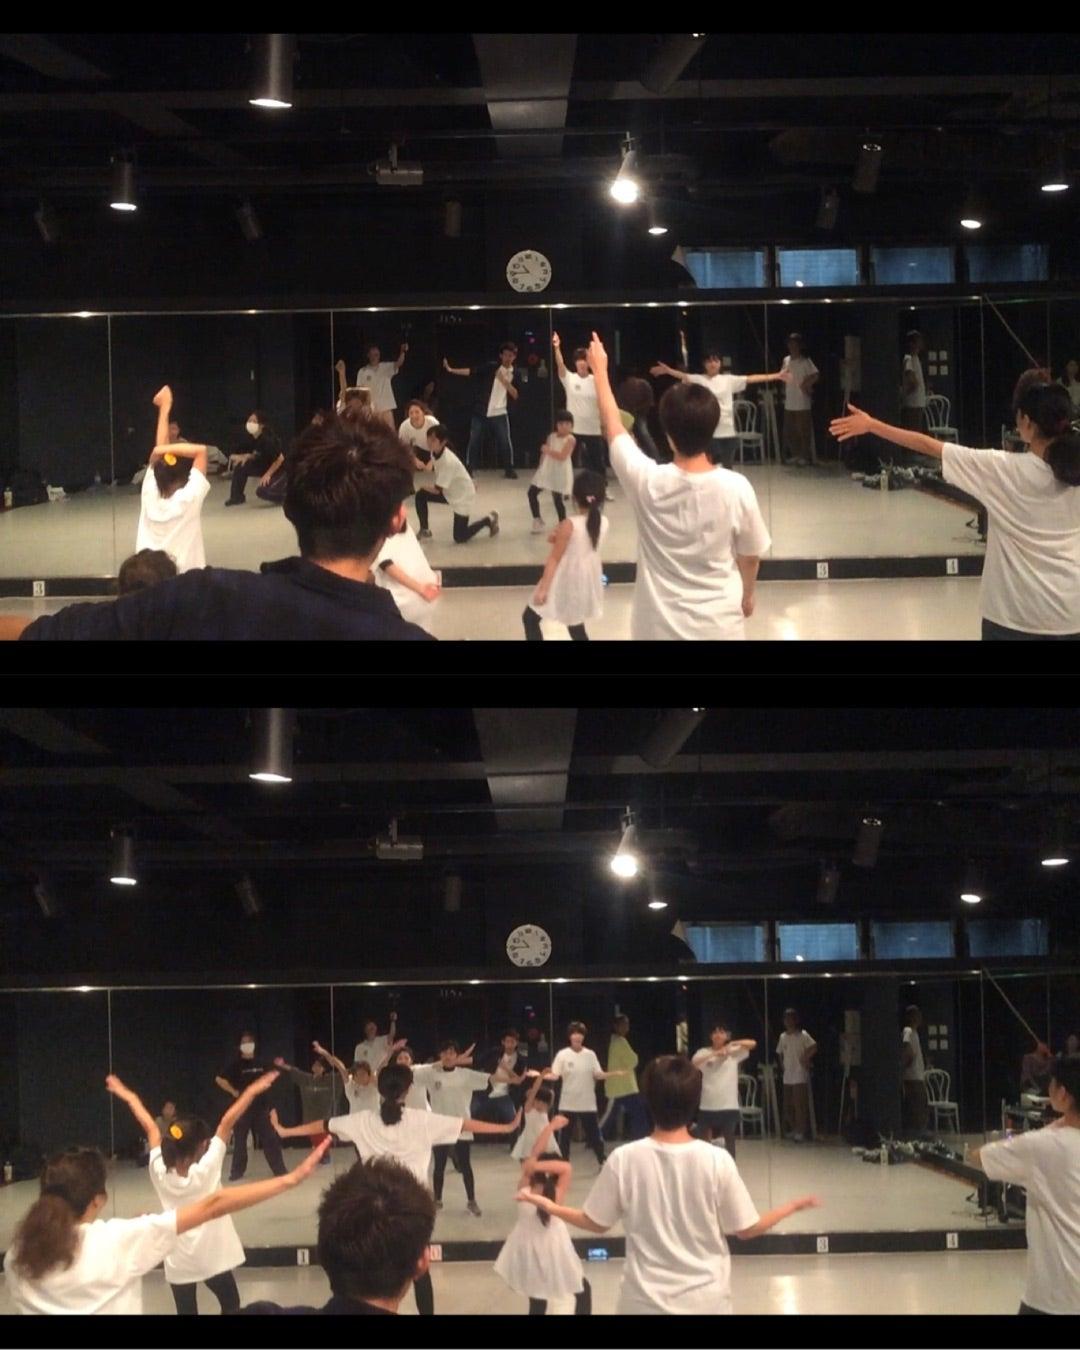 ダンス講座 入門編 4 | カノン(カウントずらし) ポージング やり方 | ダンスサロンRECNAD 品川区大崎ダンス教室